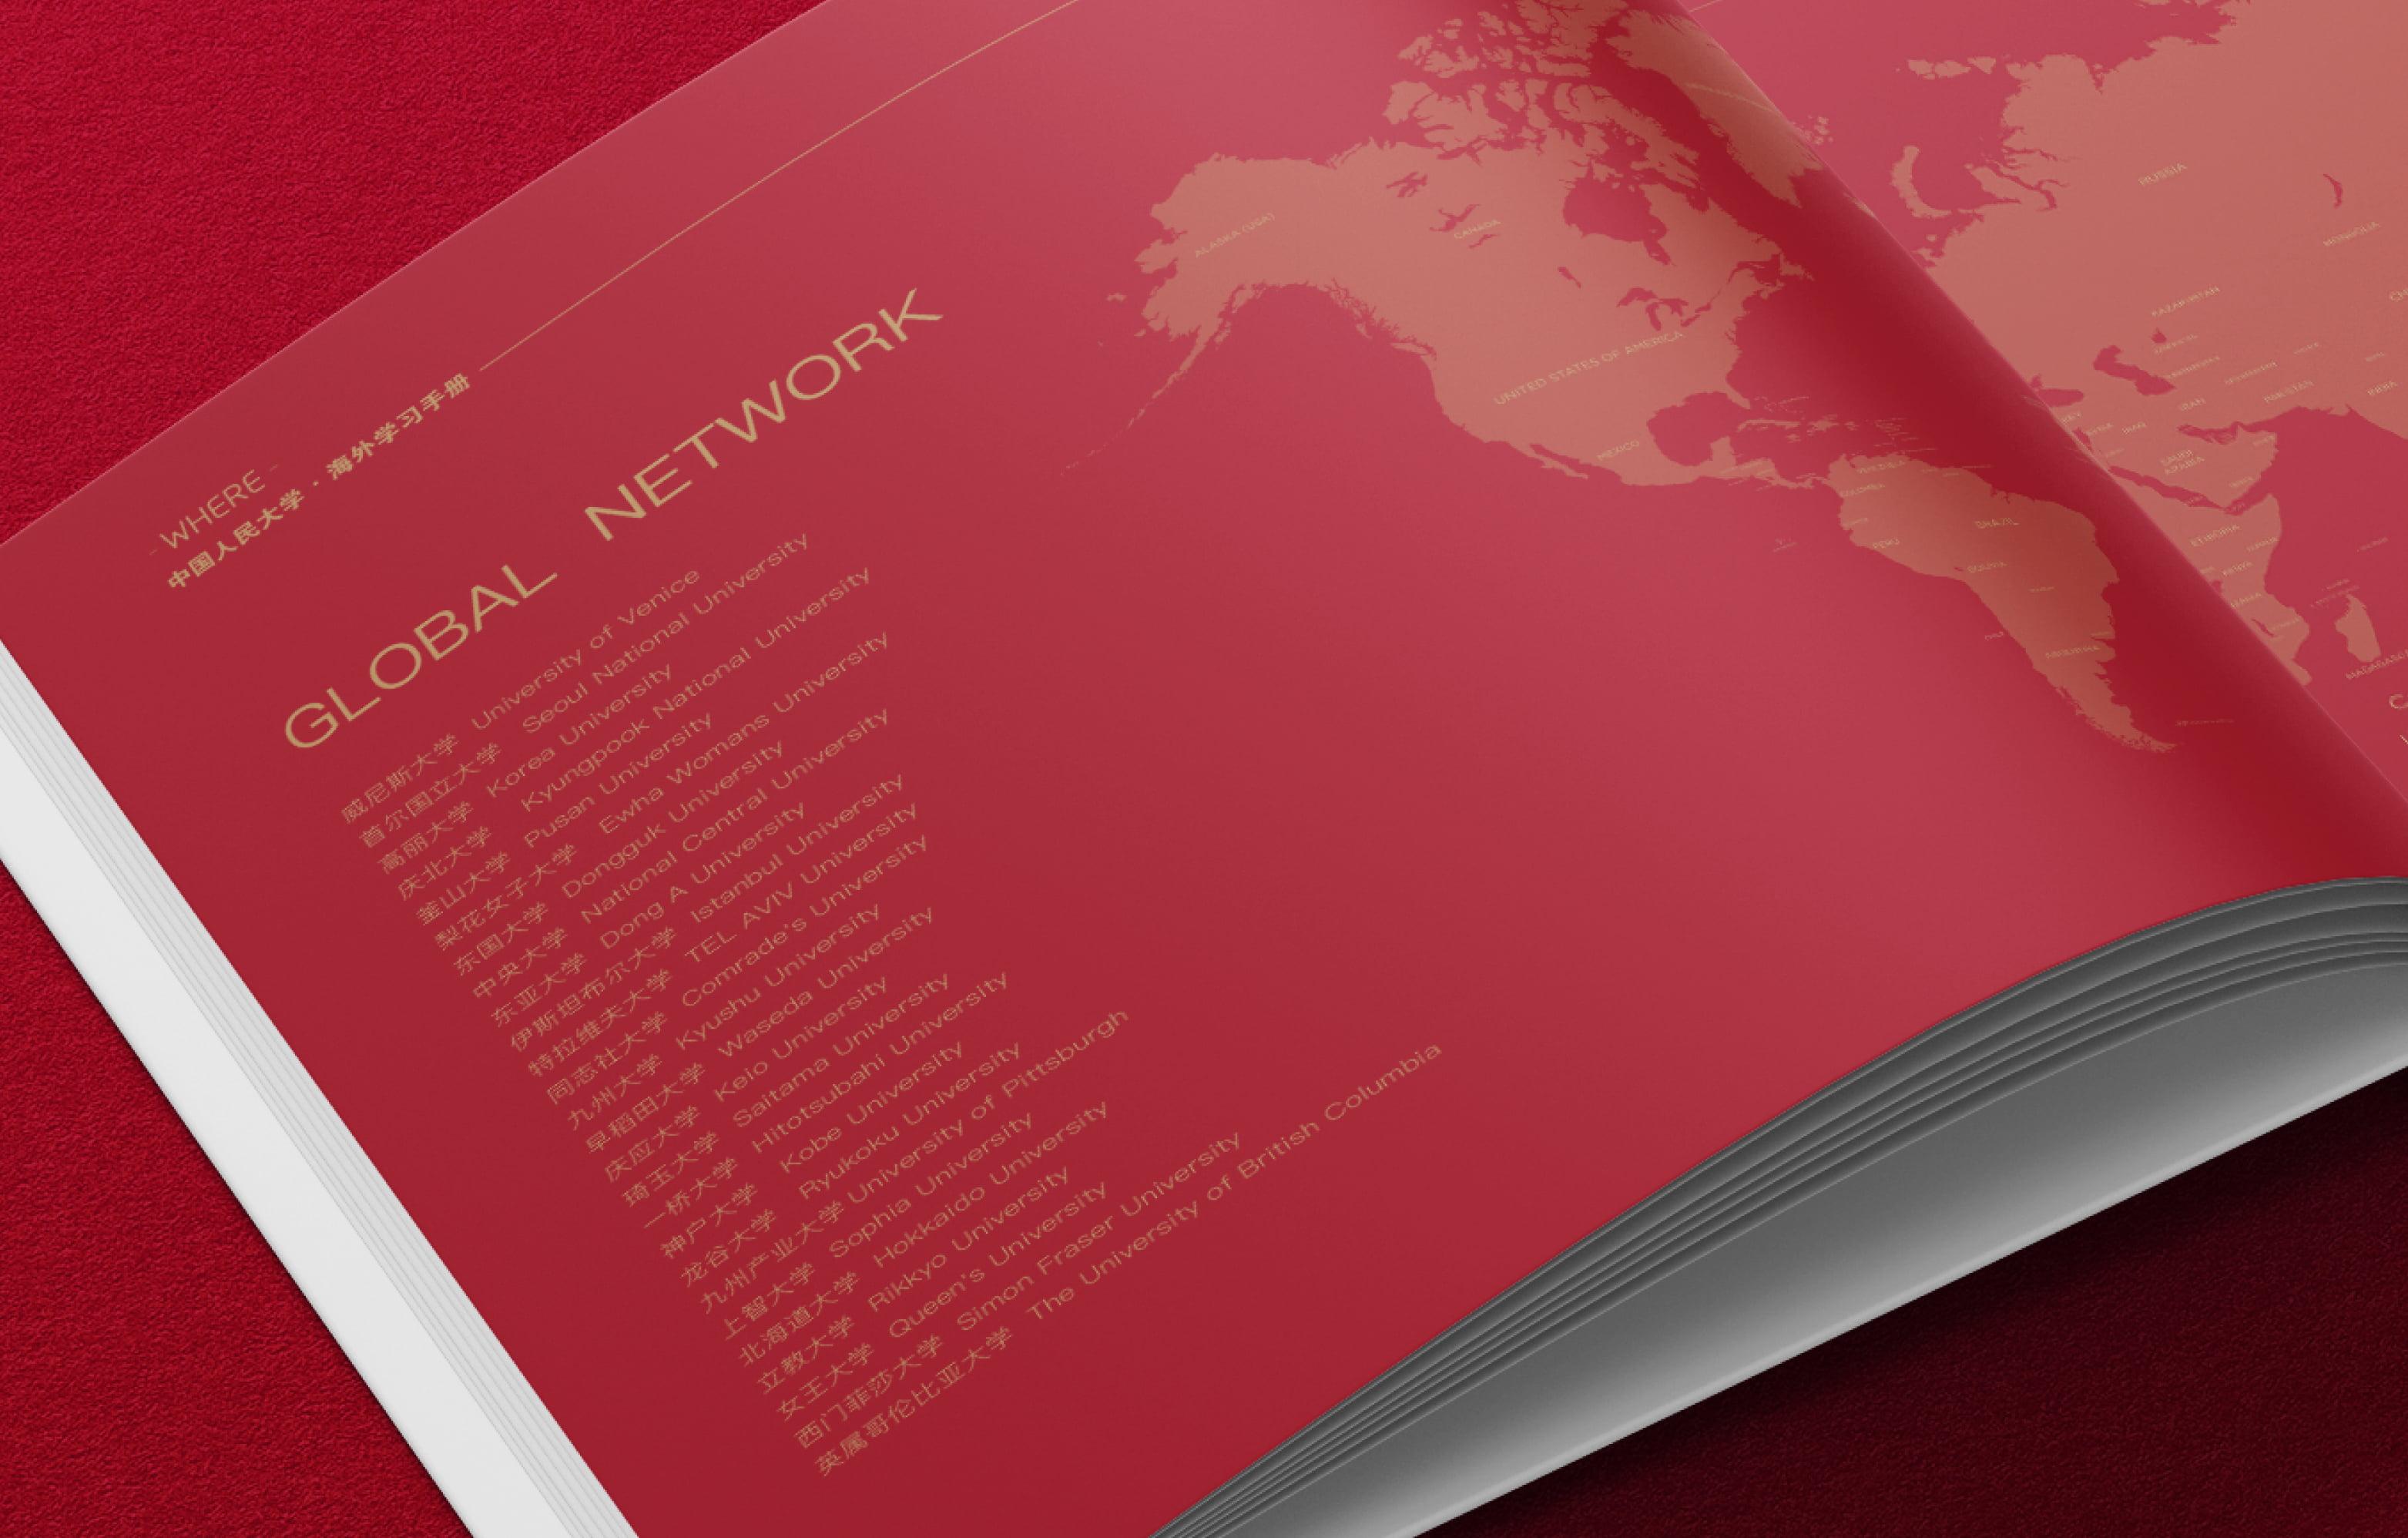 中國人民大學海外學習手冊內頁